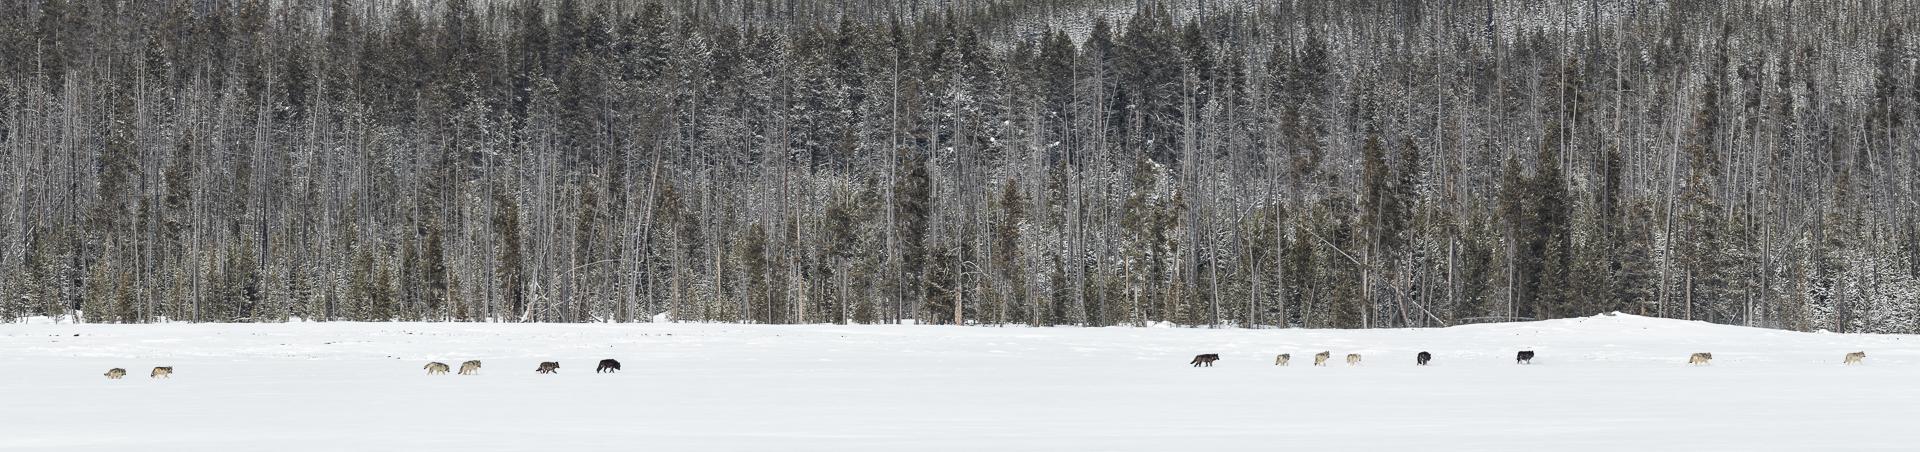 Wapiti Wolves in Yellowstone